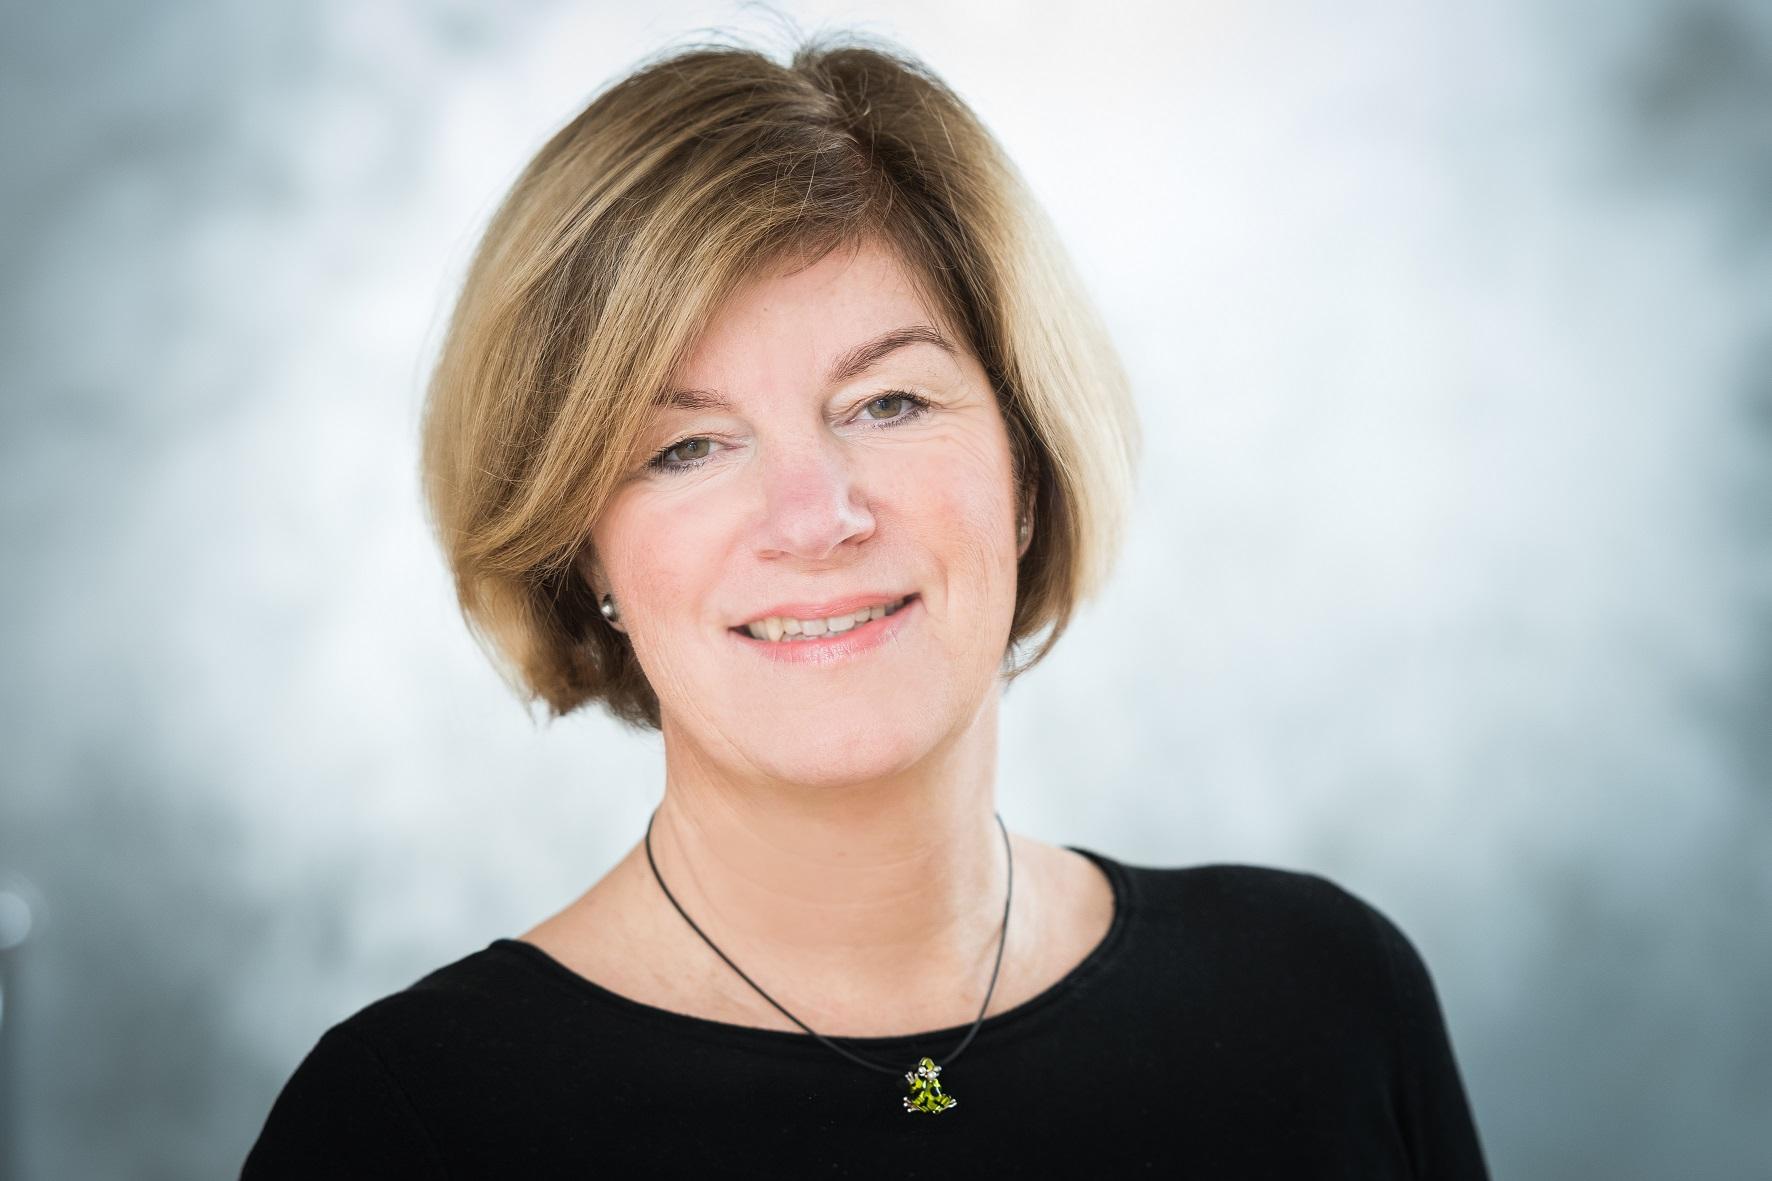 Isabel Stabenow hilft Ihnen dabei, wenn Sie die Berufsunfähigkeitsrente beantragen möchten